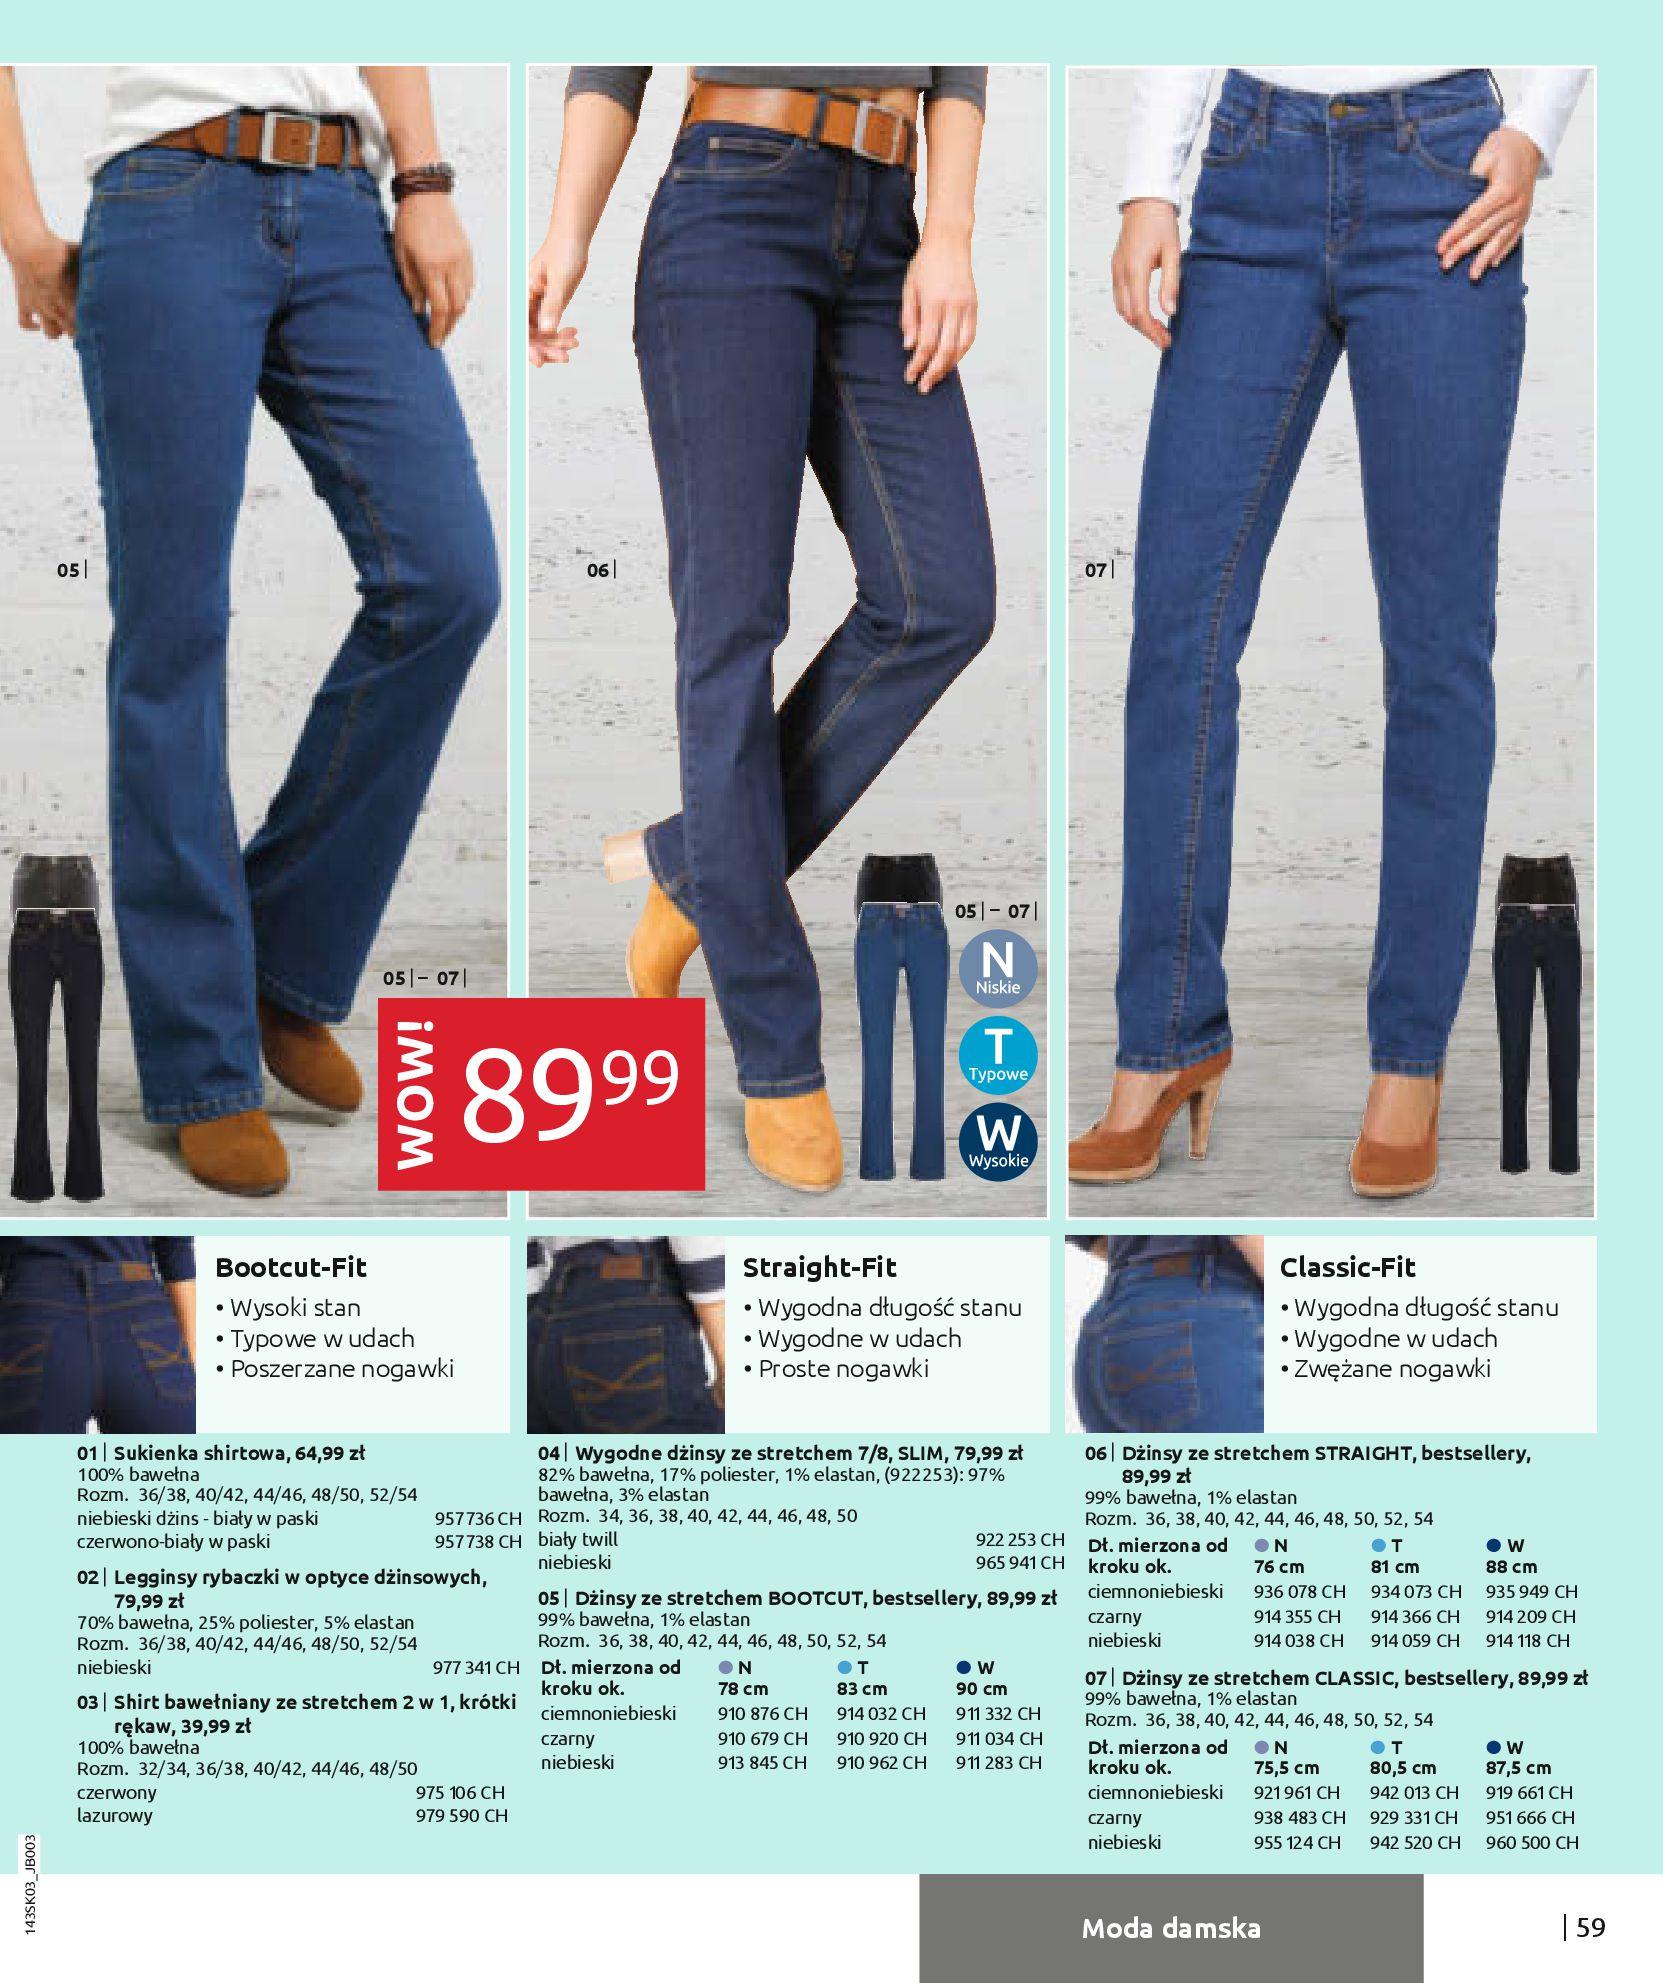 Gazetka Bonprix: Wiosenna moda 2021-03-05 page-61